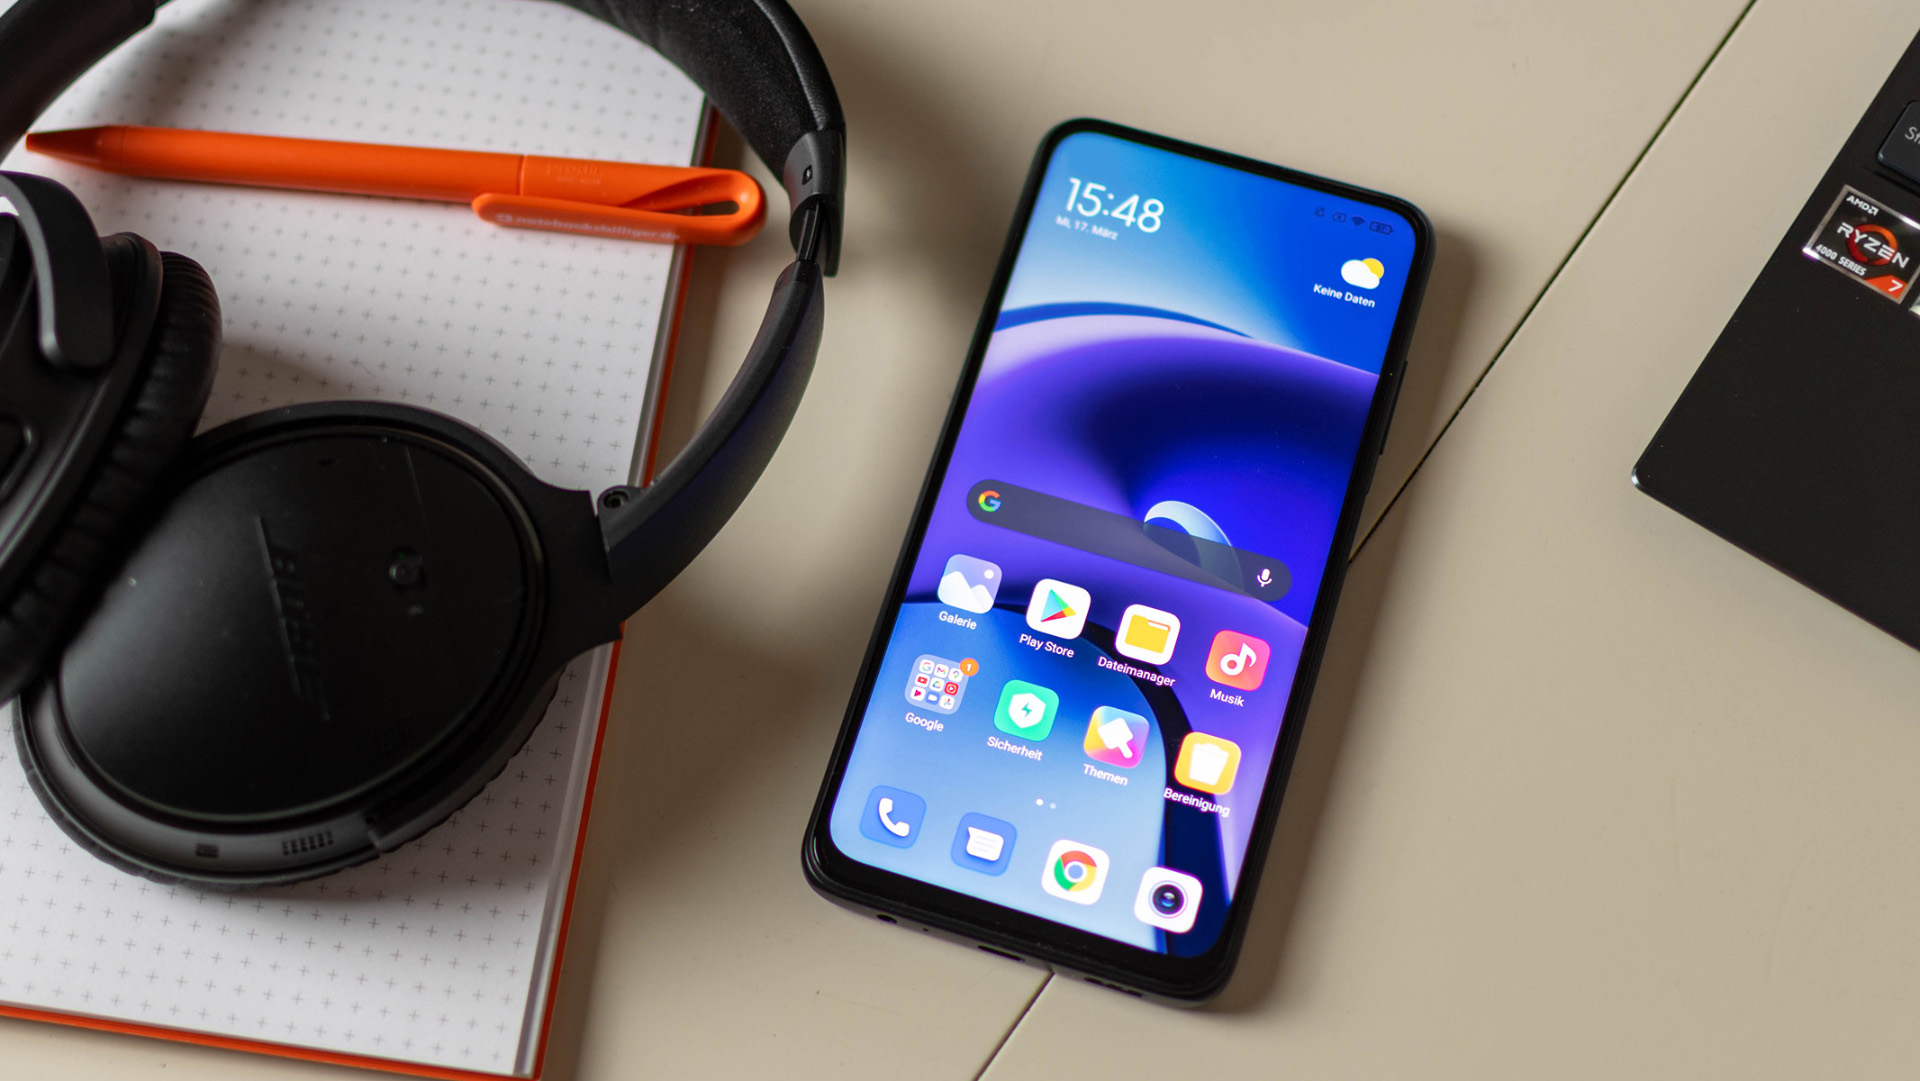 Xiaomi: Bye, bye Notch – Kamera verschwindet unter dem Display